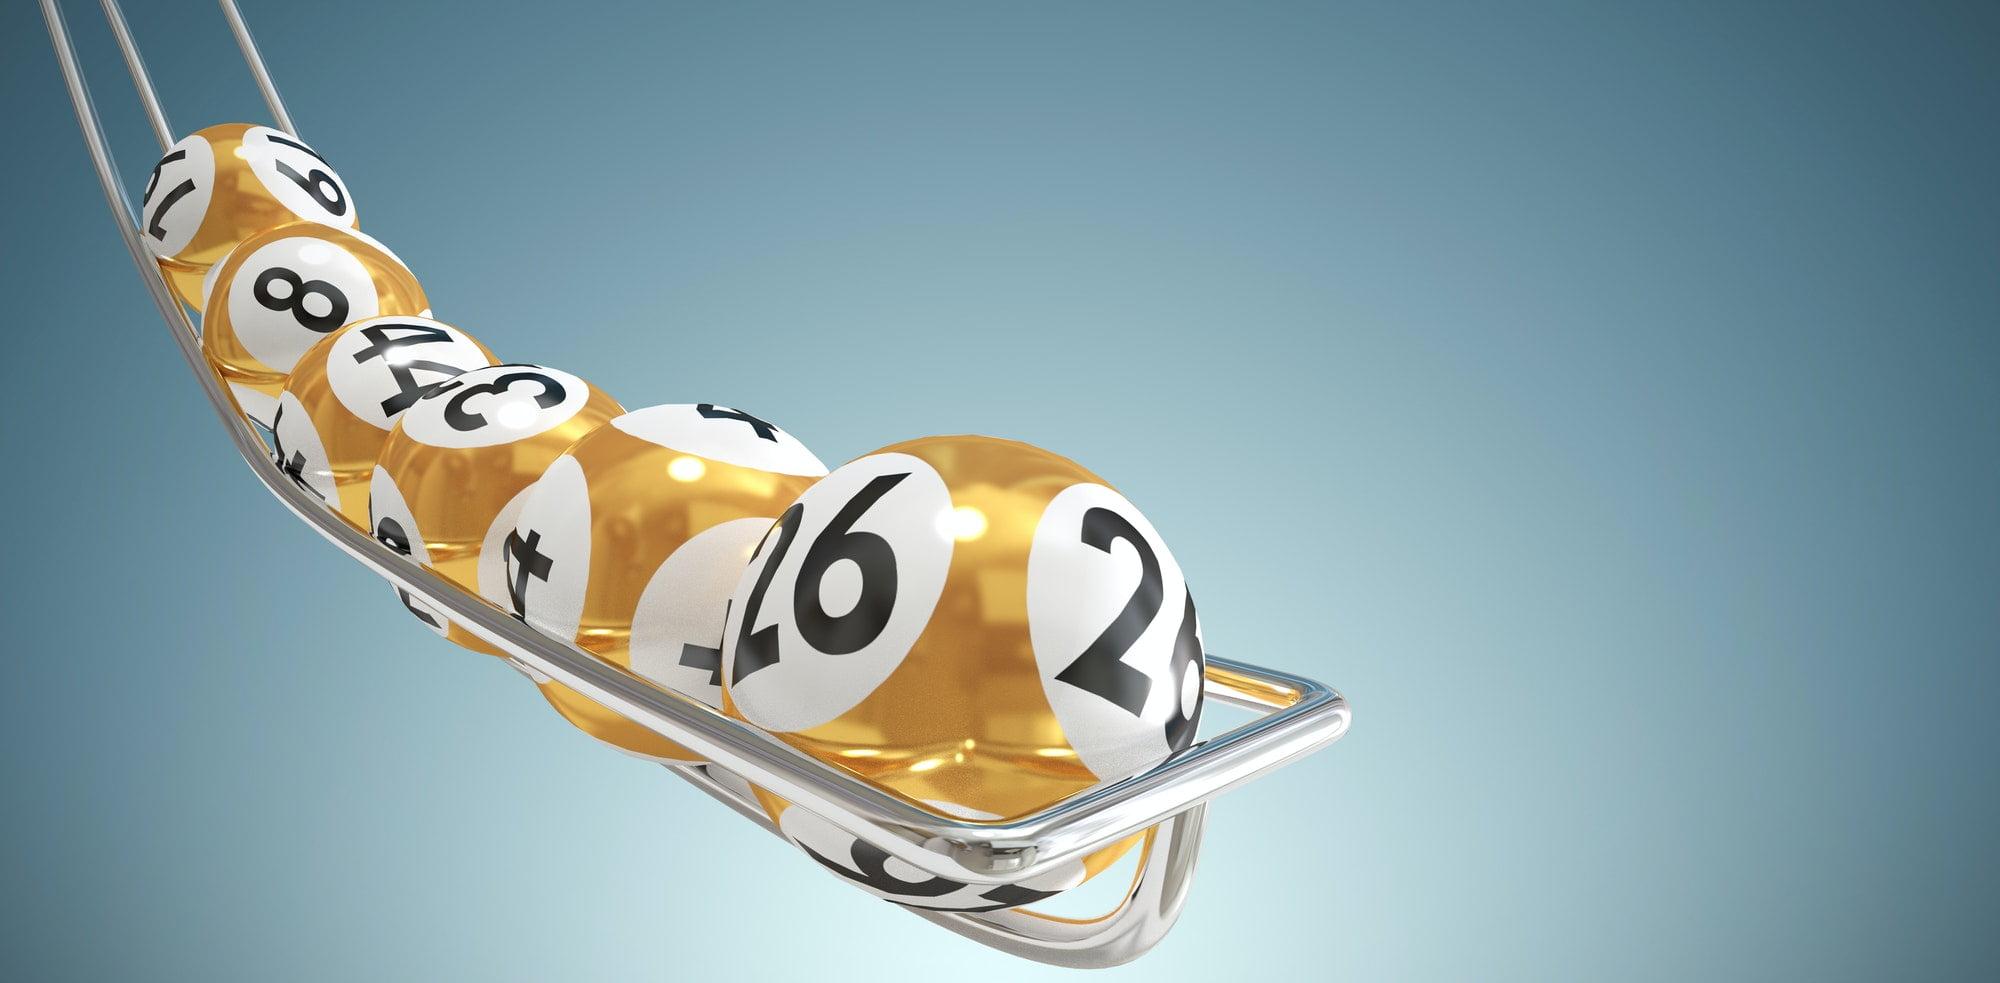 Lottopallot